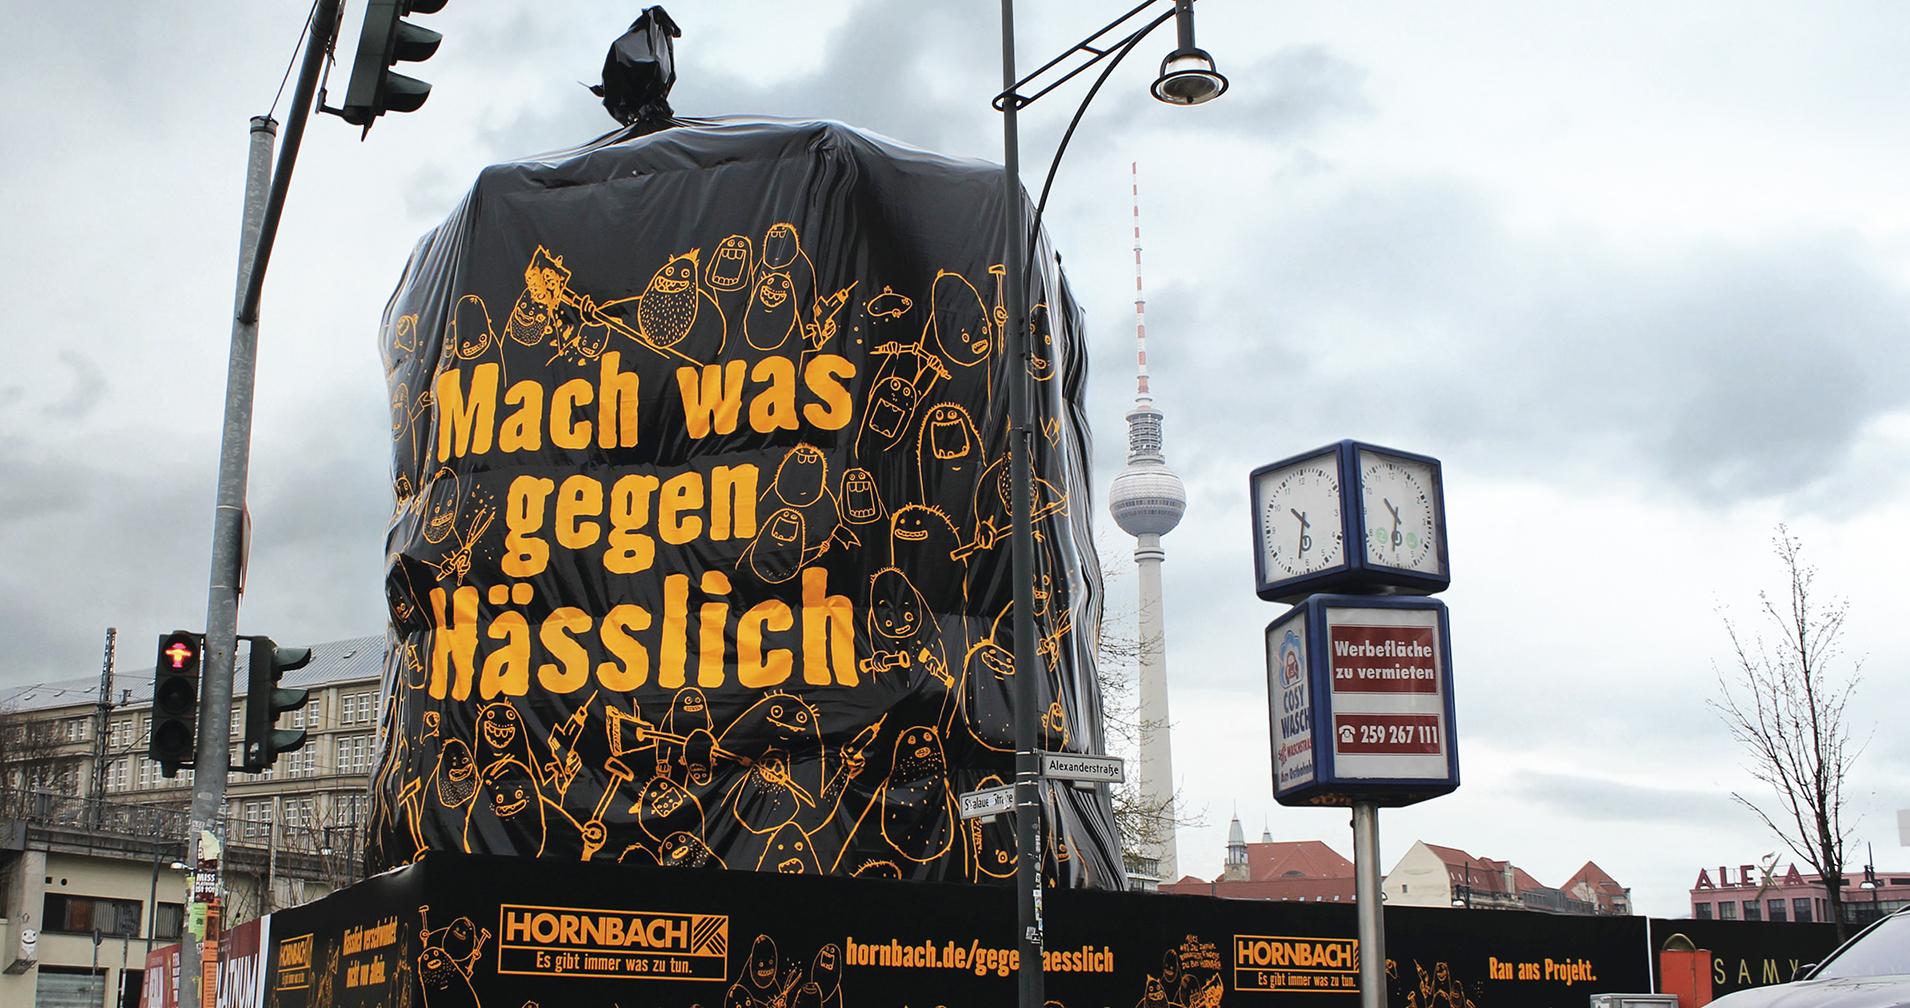 Hornbach Mach was gegen Hässlich copy